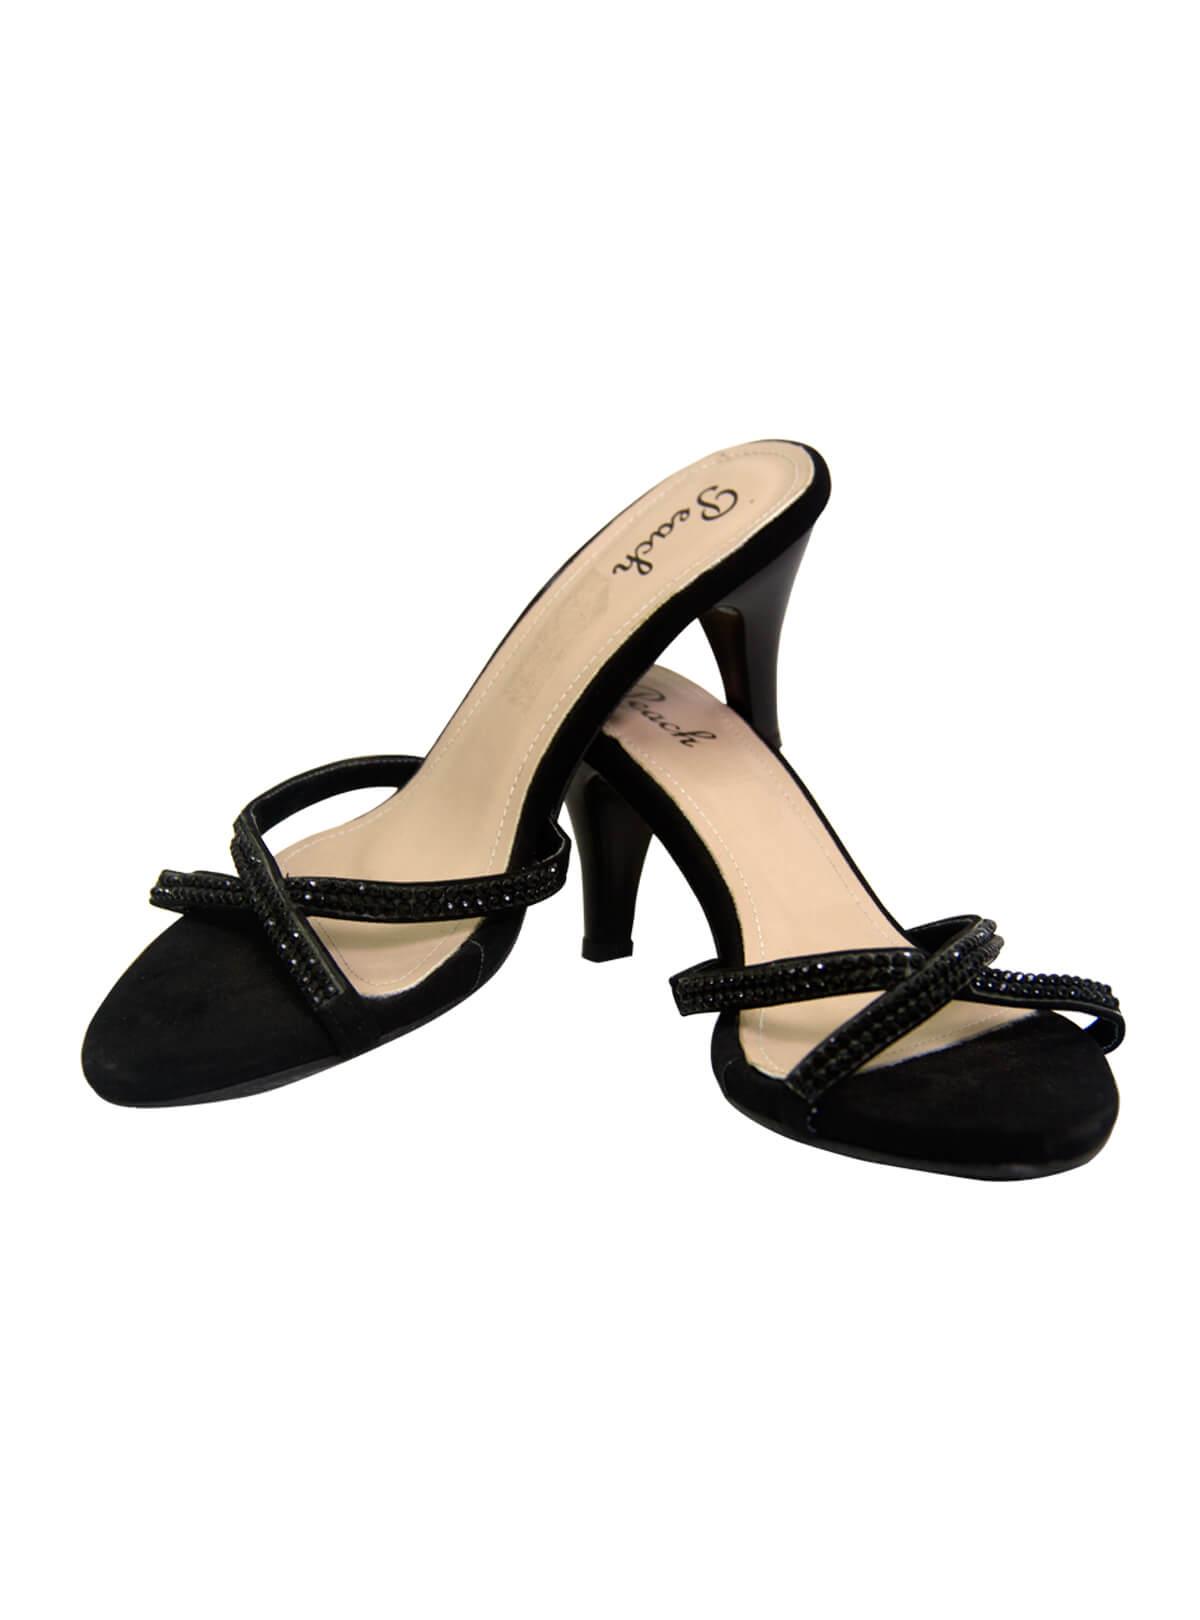 Black Leather Heel Ladies Sandal